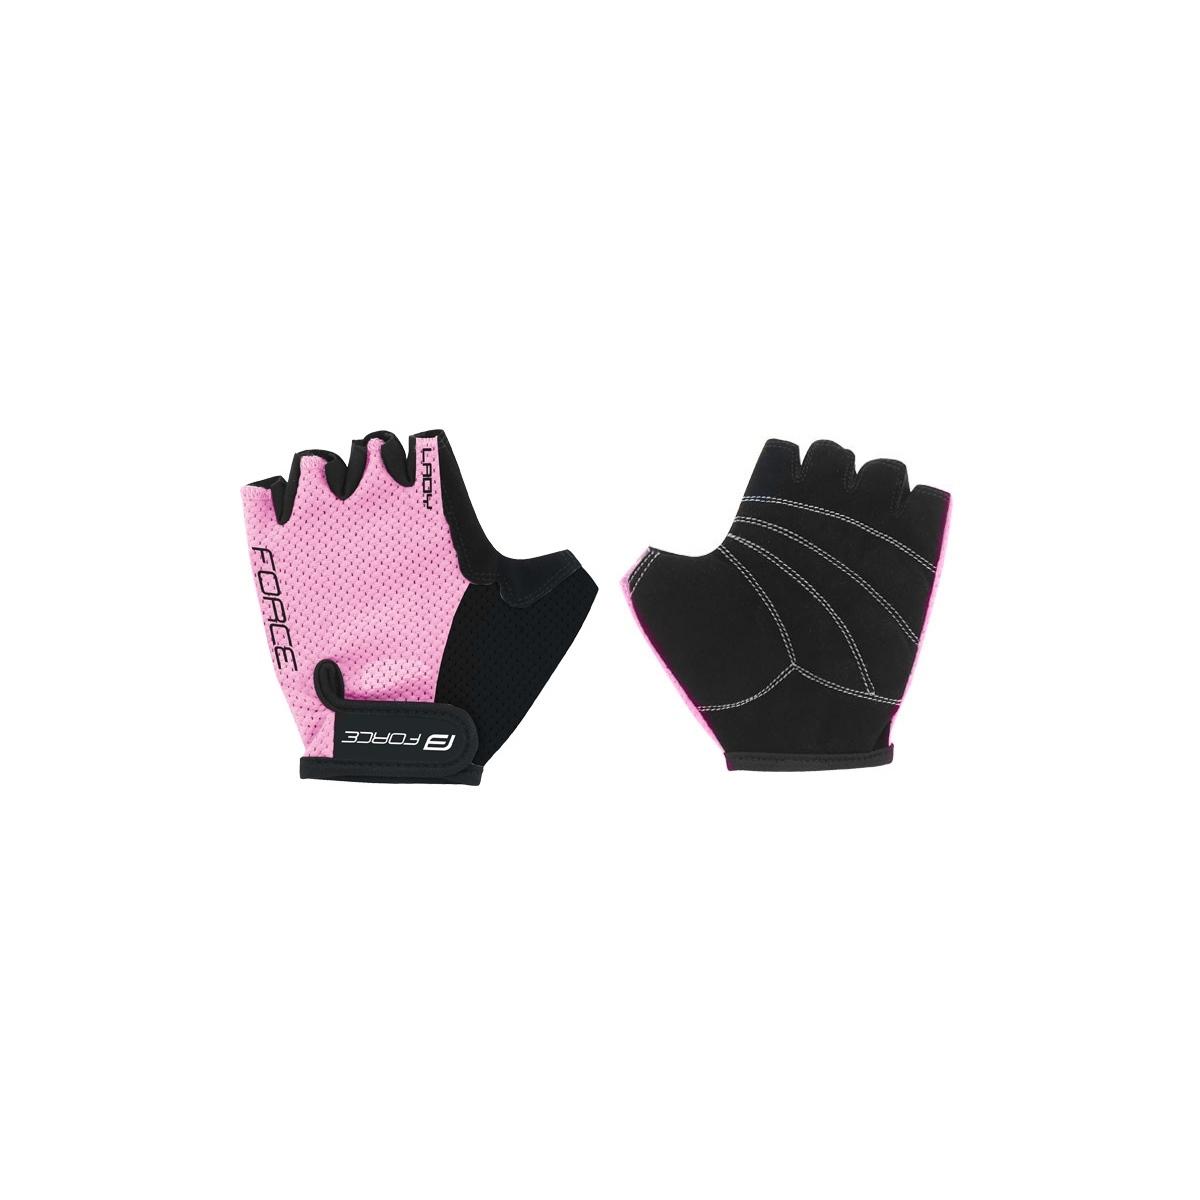 Force rukavice Lady, světle růžové S